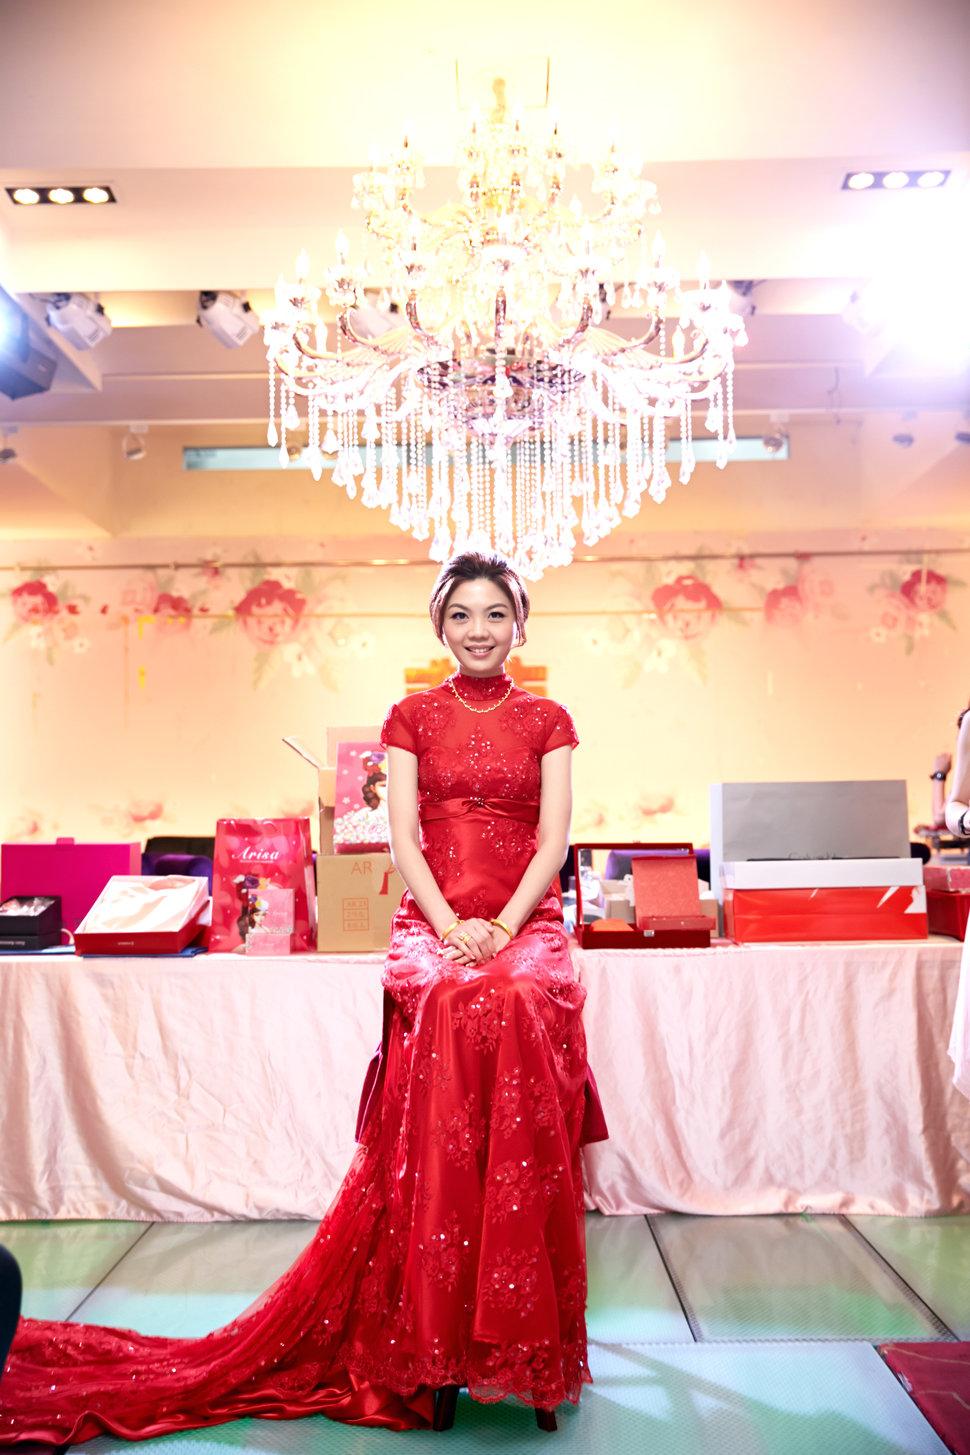 訂婚/彰化 全國麗園(編號:155042) - 绊嵐攝 - 結婚吧